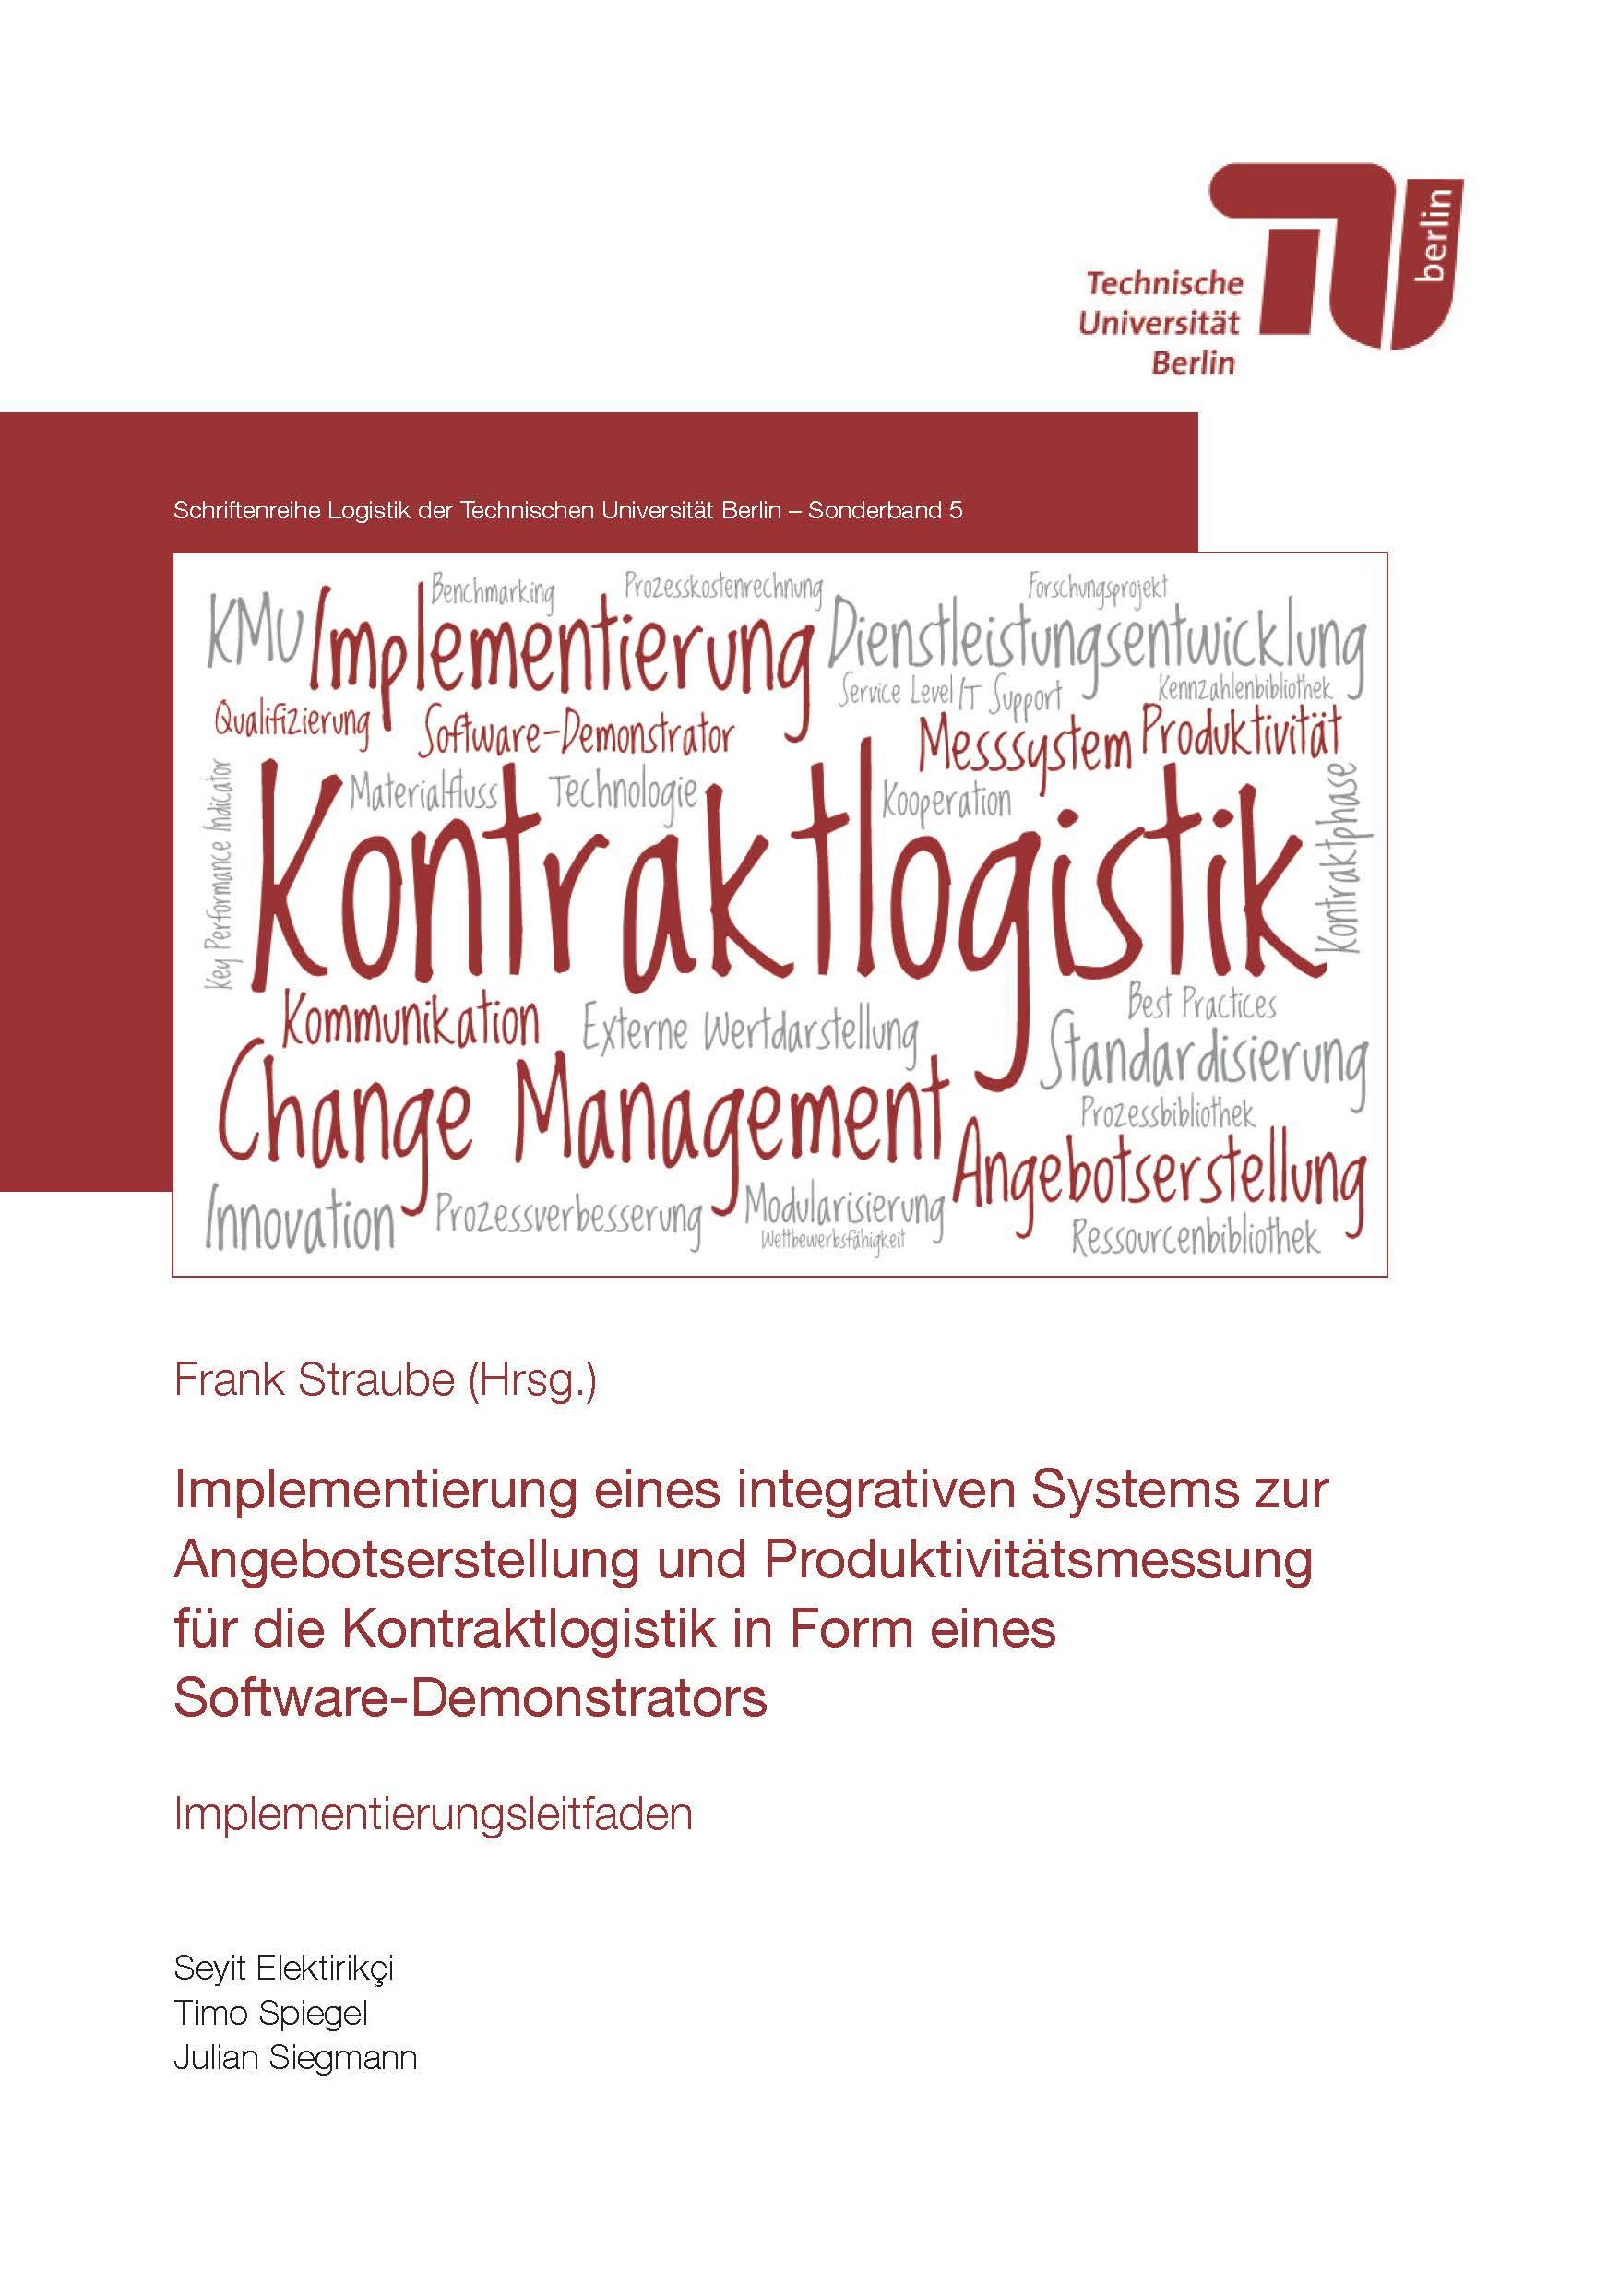 Implementierung Eines Integrierten Systems Zur Angebotserstellung Und